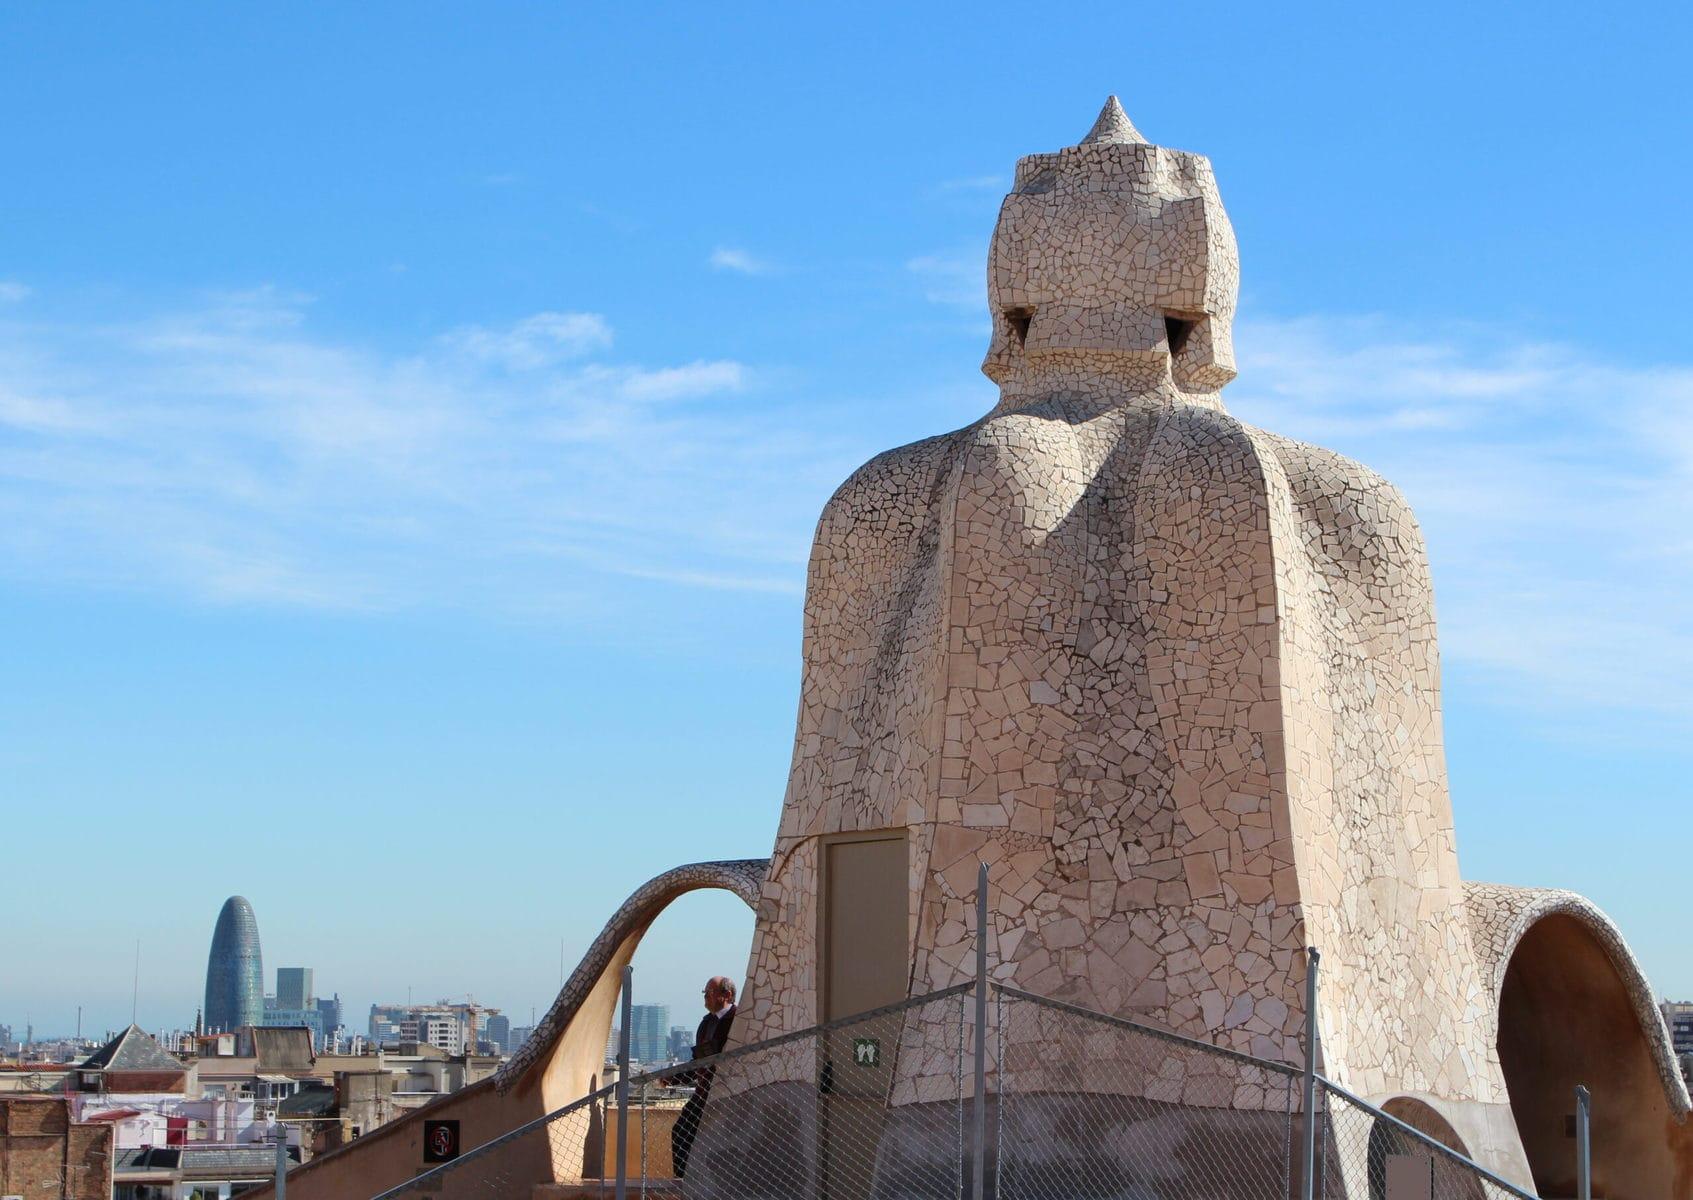 """Dachterrasse der Casa Mila, die auch """"La Pedrera"""" (der Steinbruch) genannt wird, in Barcelona"""